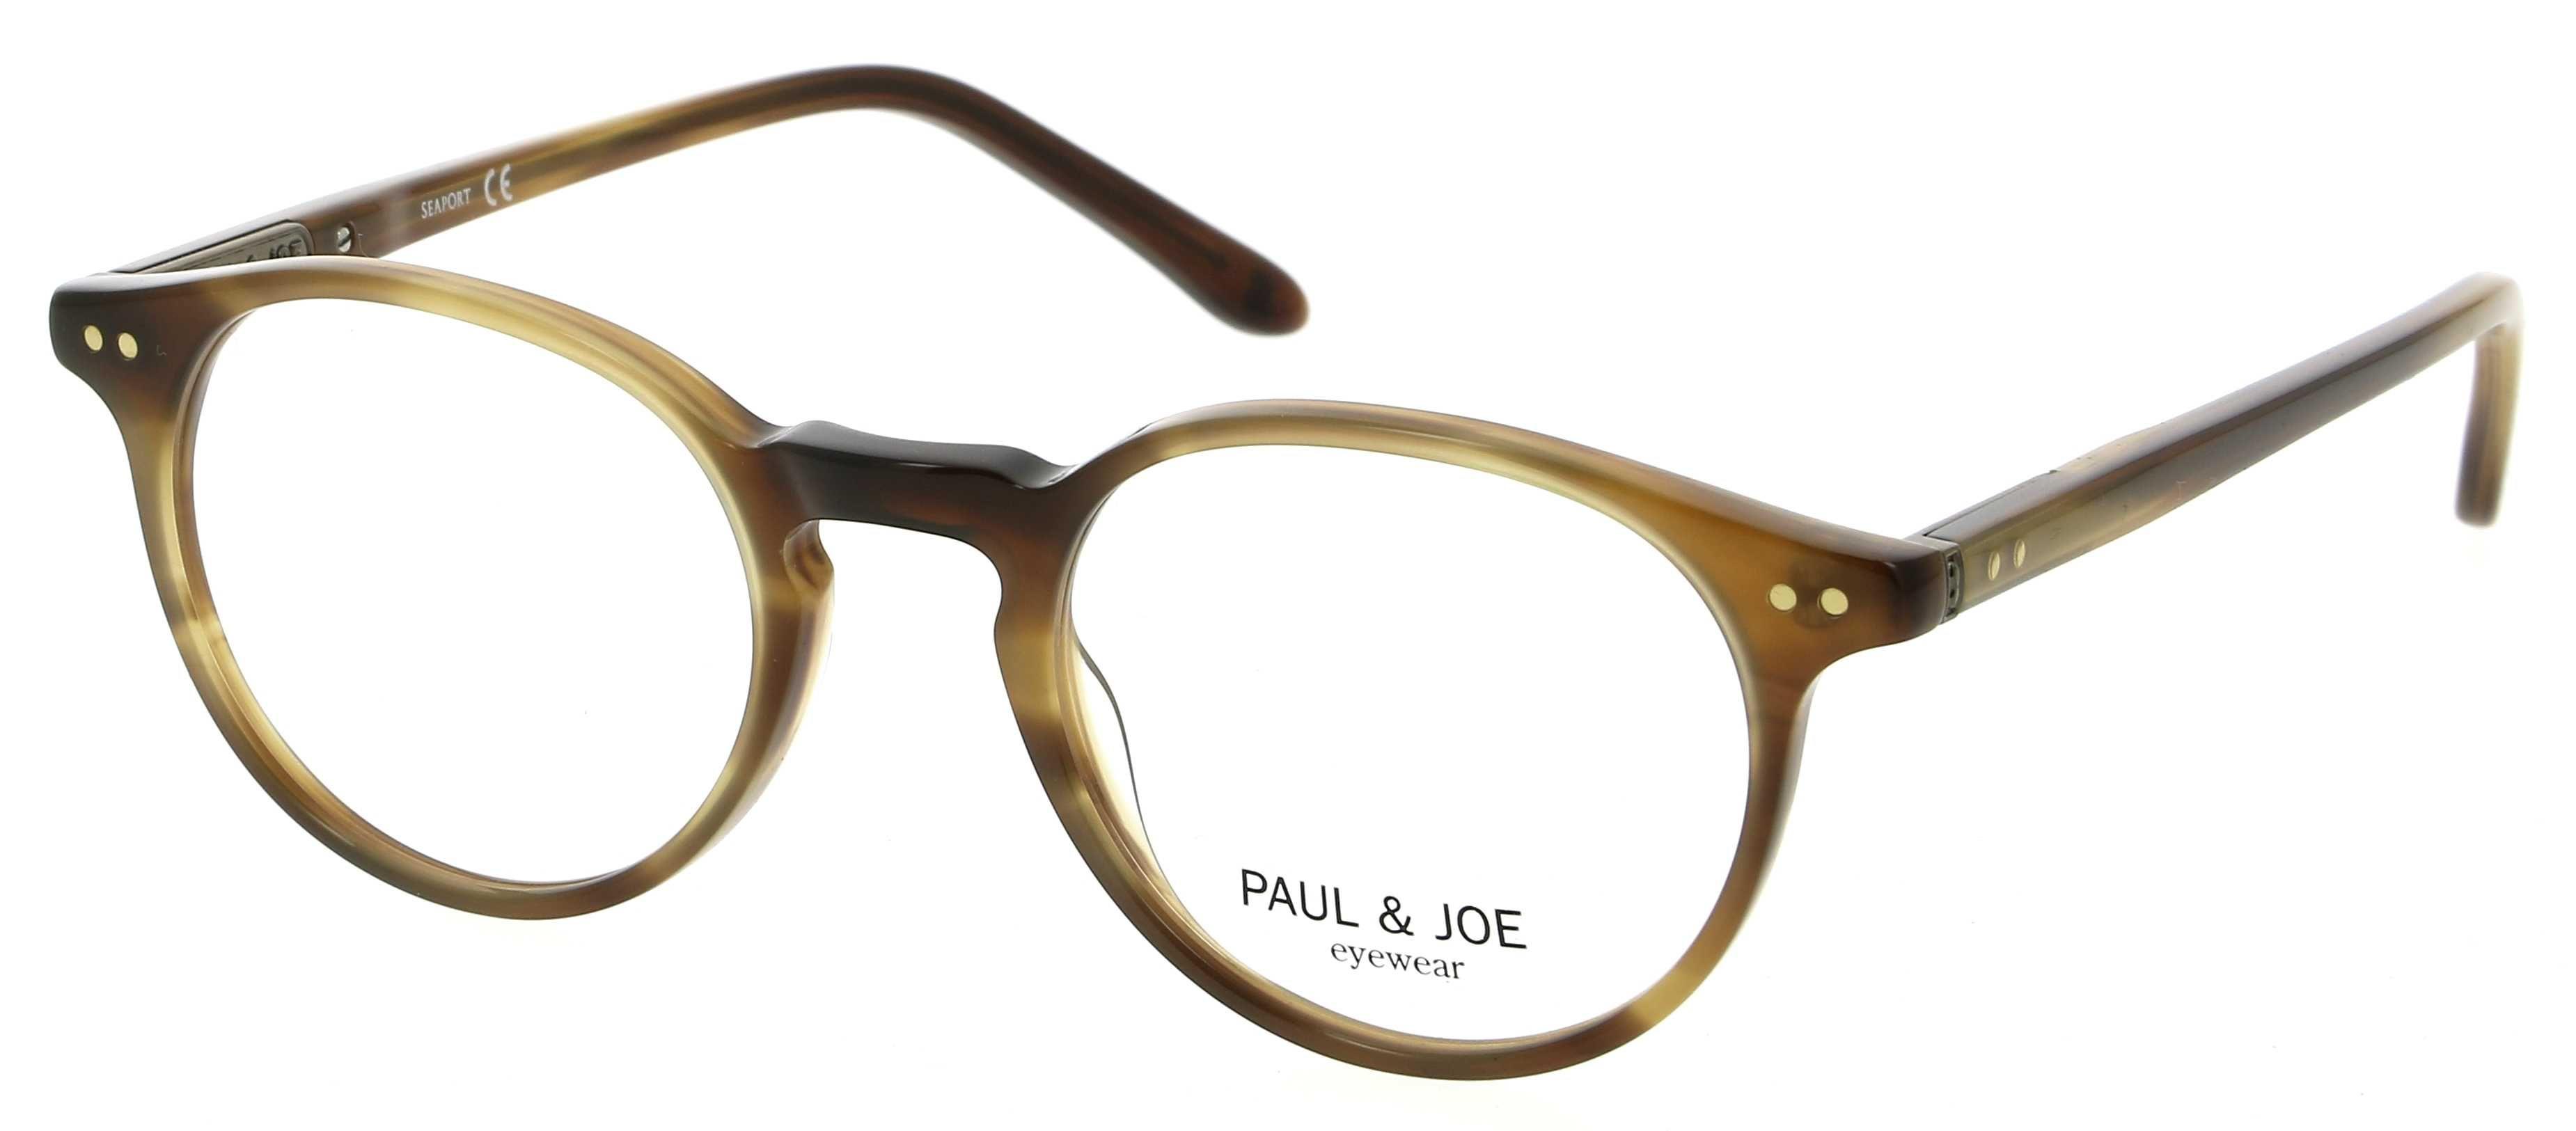 37ca73c16d6 Lunettes de vue PAUL   JOE PJ BENGALI25 E171 47 20 Homme Ecaille claire  Arrondie